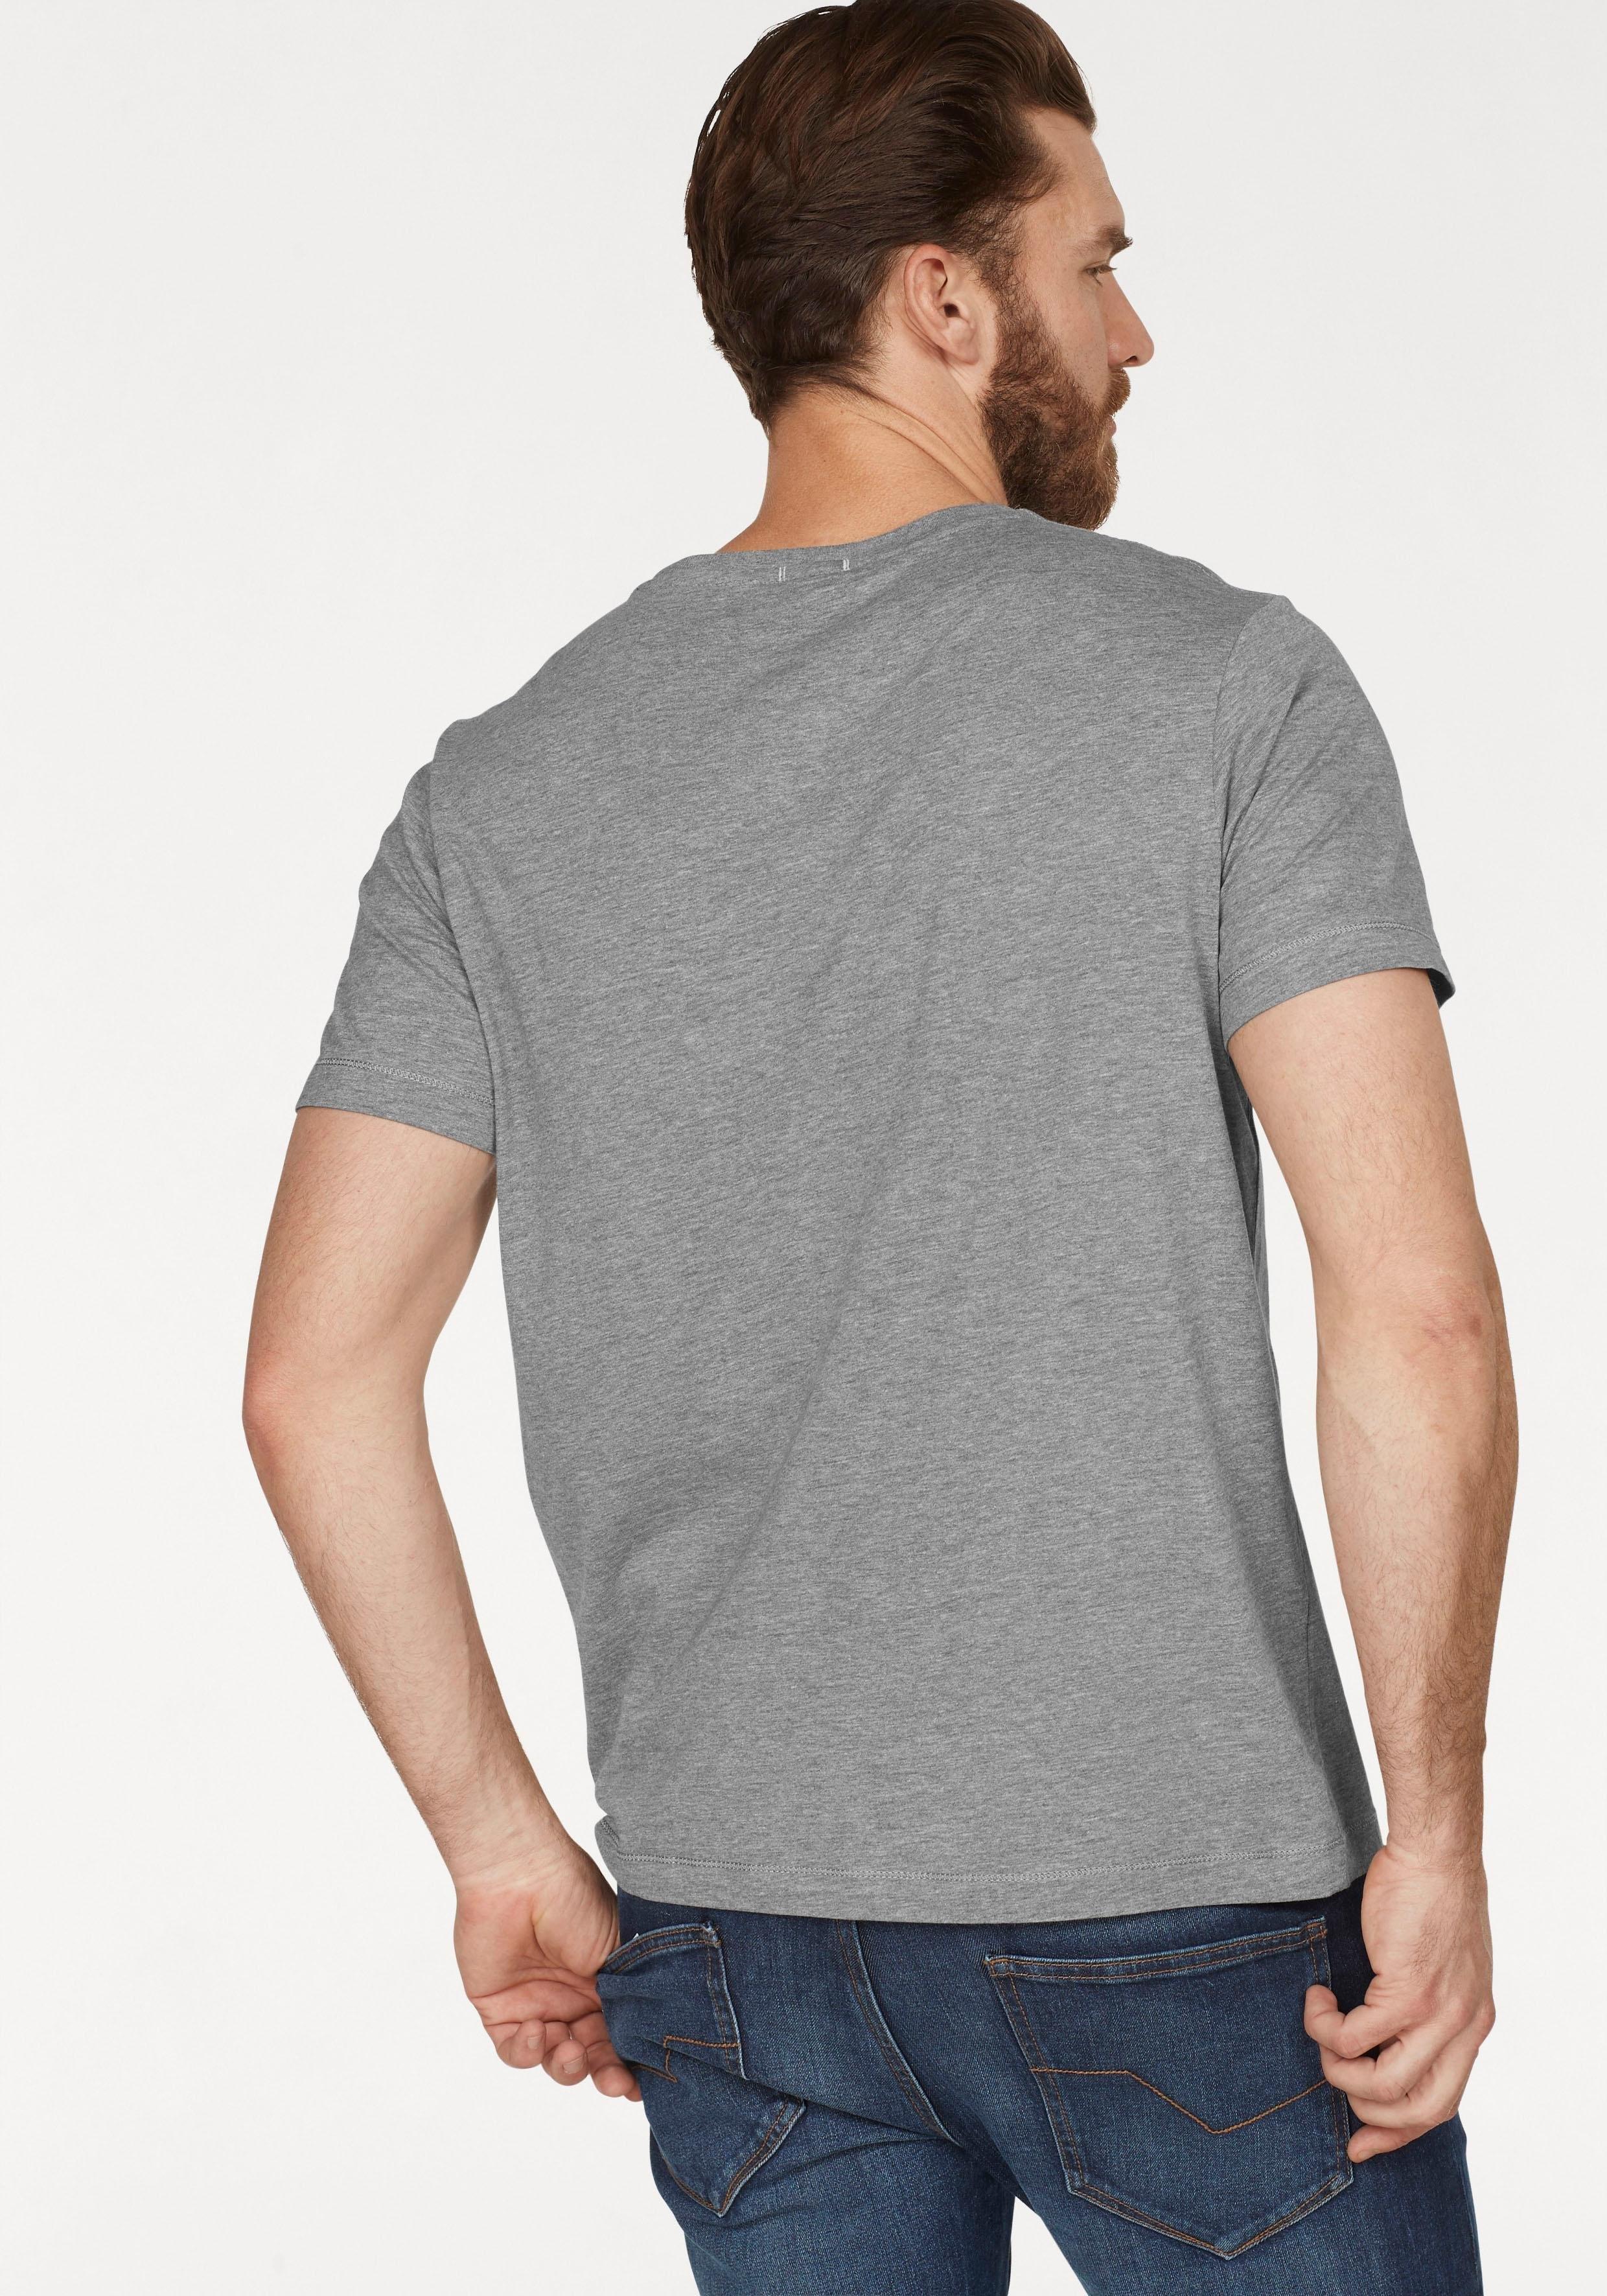 Lerros Snel shirt Online Gekocht T ZiuPkX